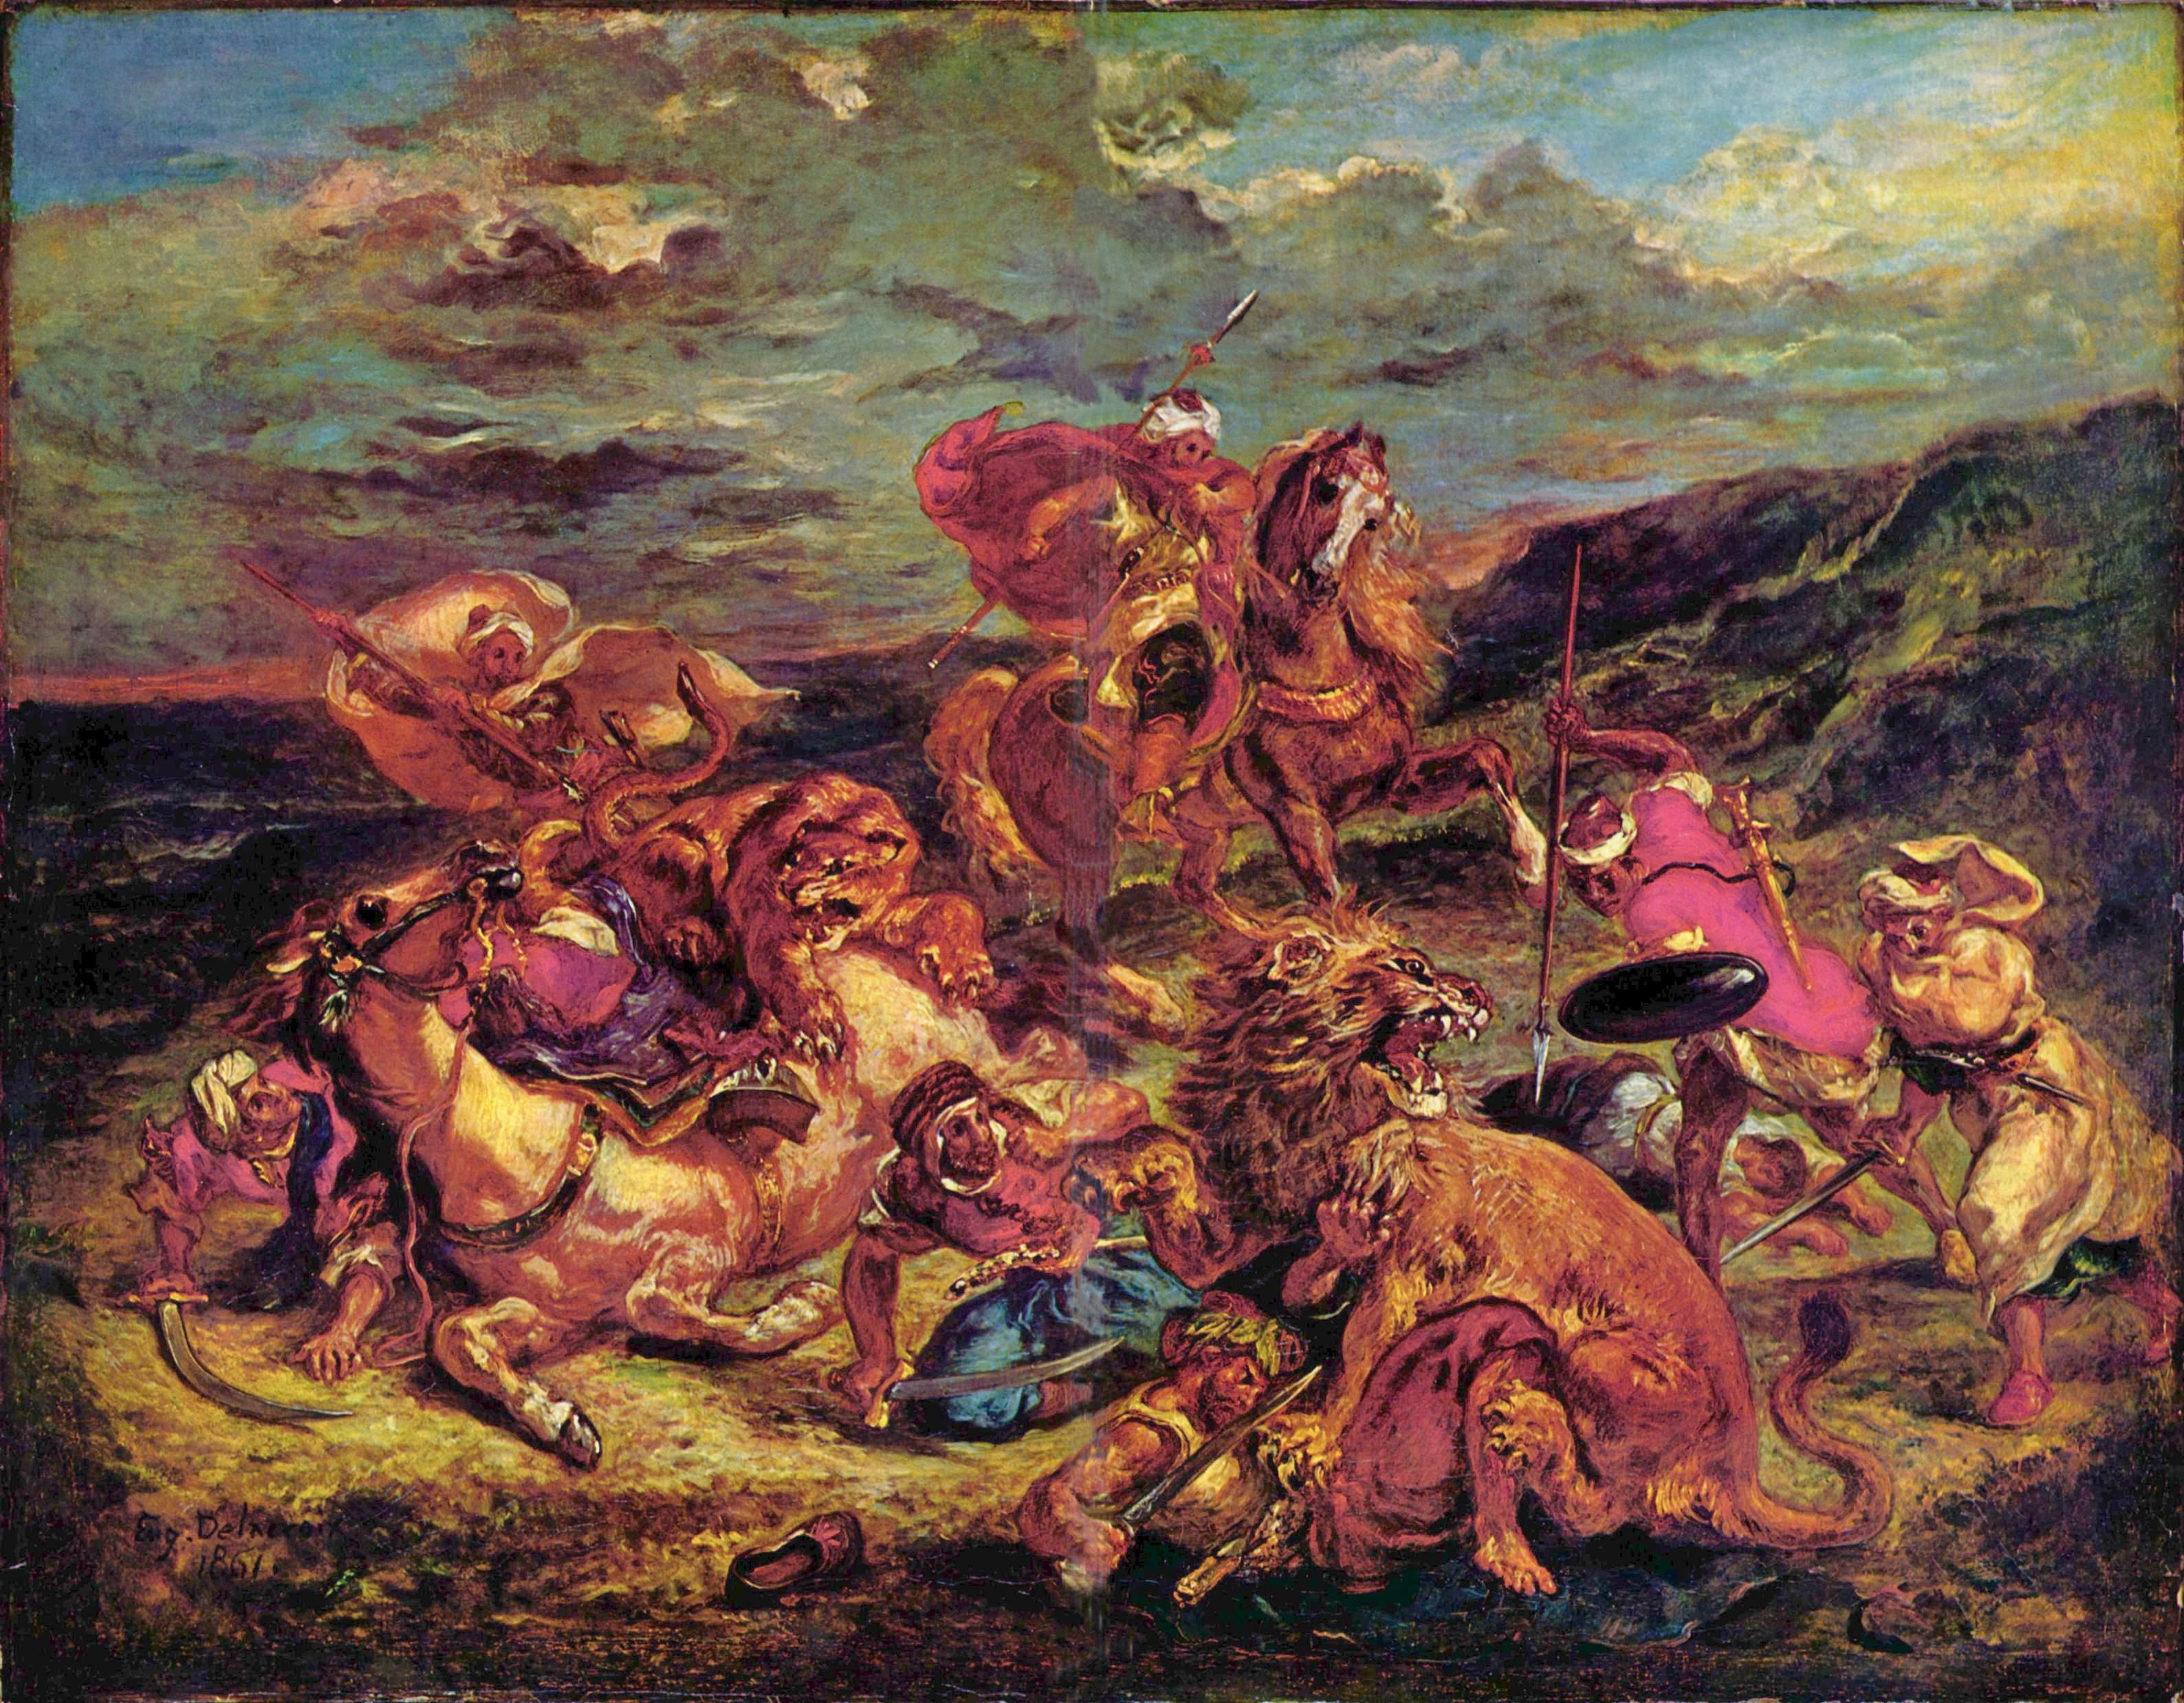 Охота на львов, Делакруа Эжен Фердинанд Виктор